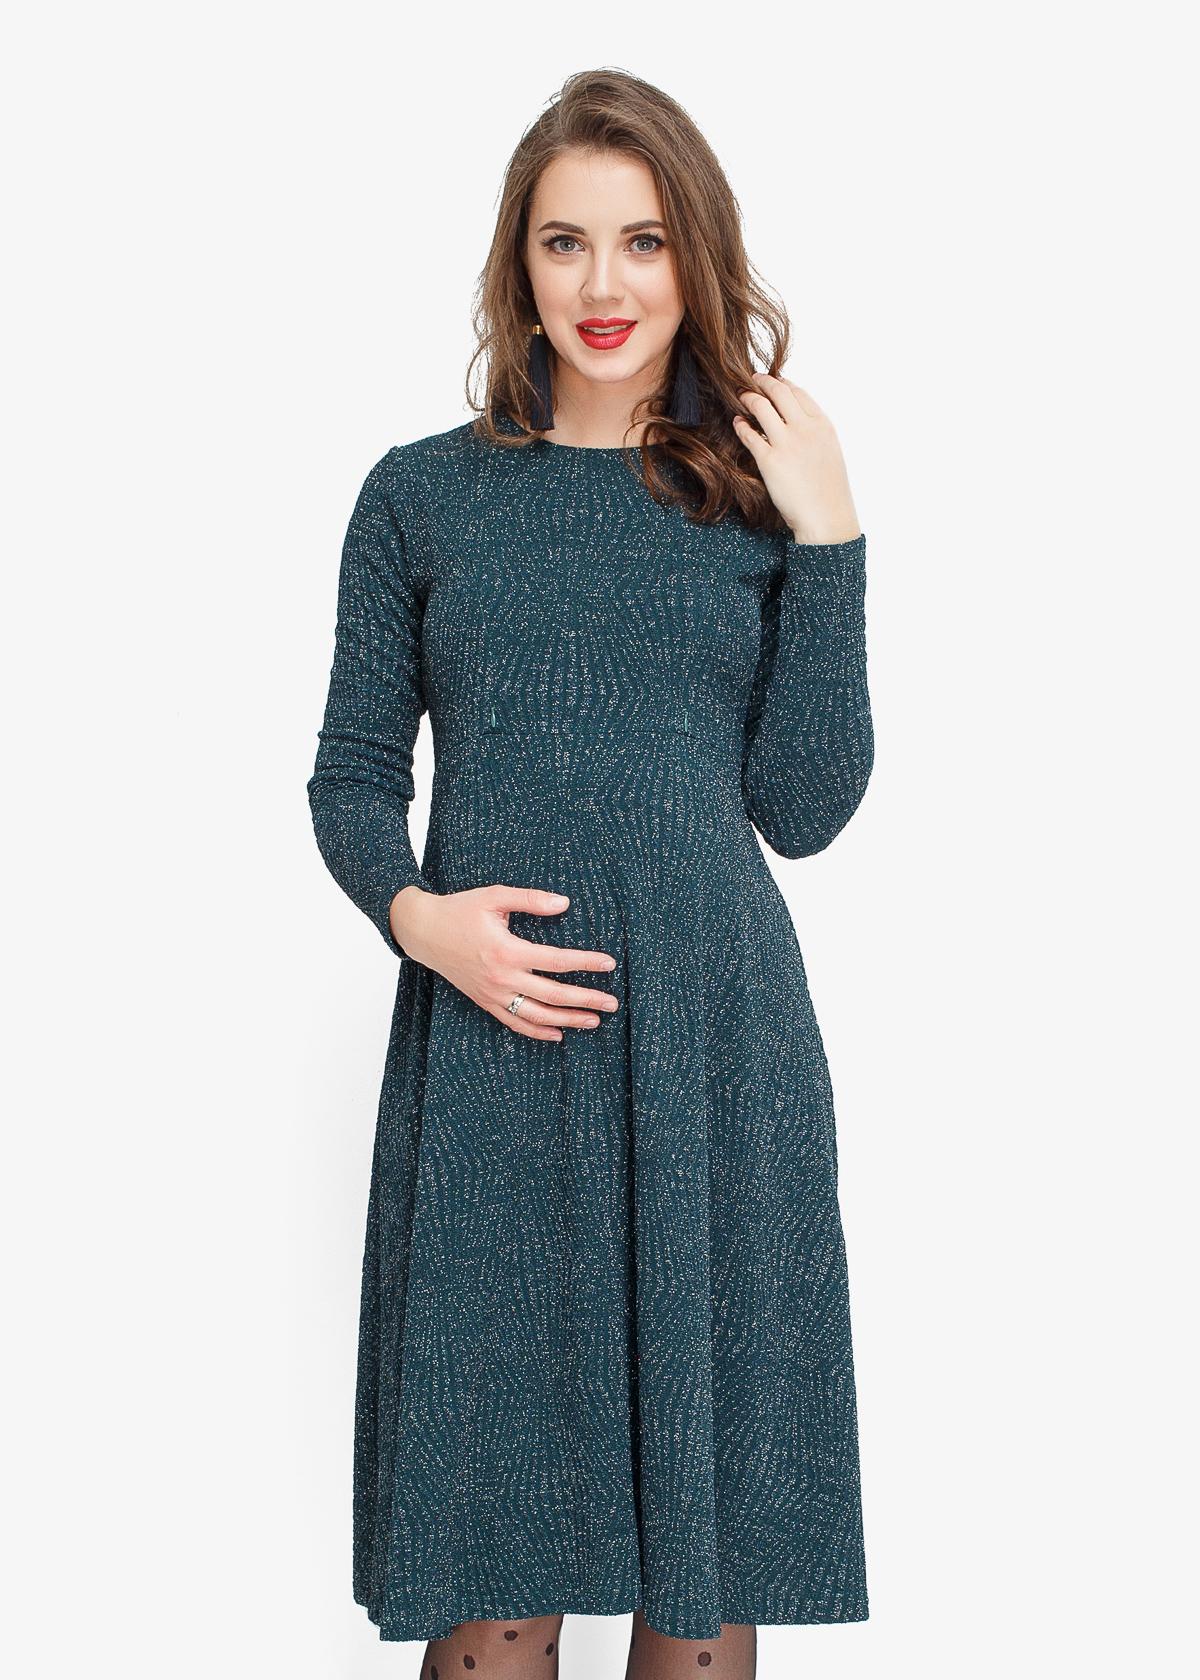 Фото: нарядное платье для беременных женщин Yasya Limited Edition 1